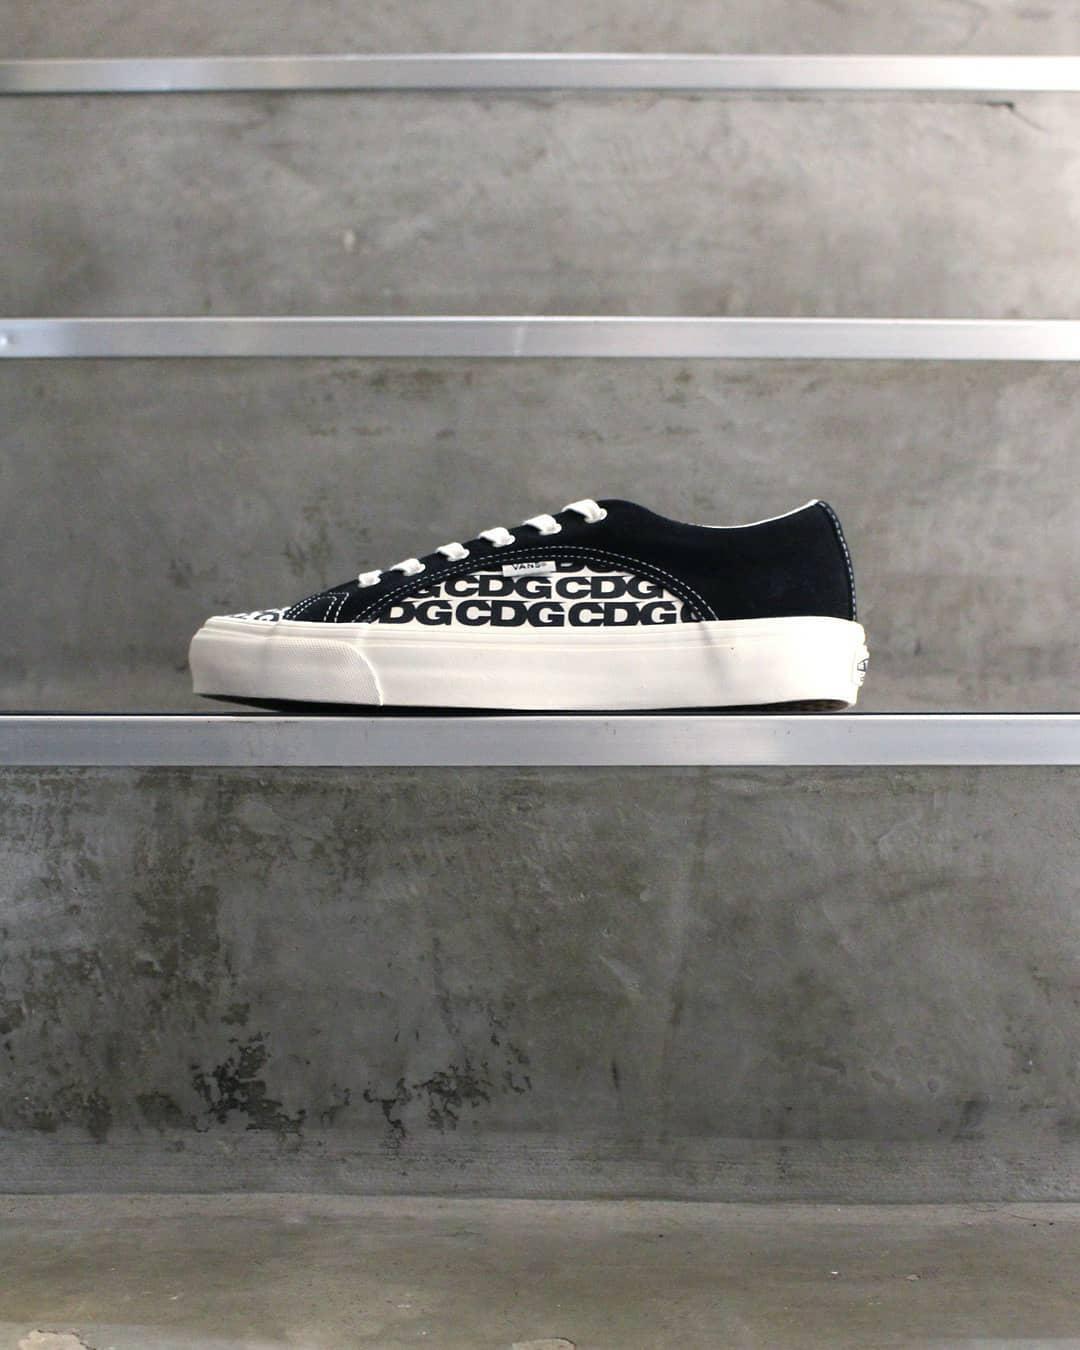 COMME des GARÇONS x Vans Lampin Le Site de la Sneaker